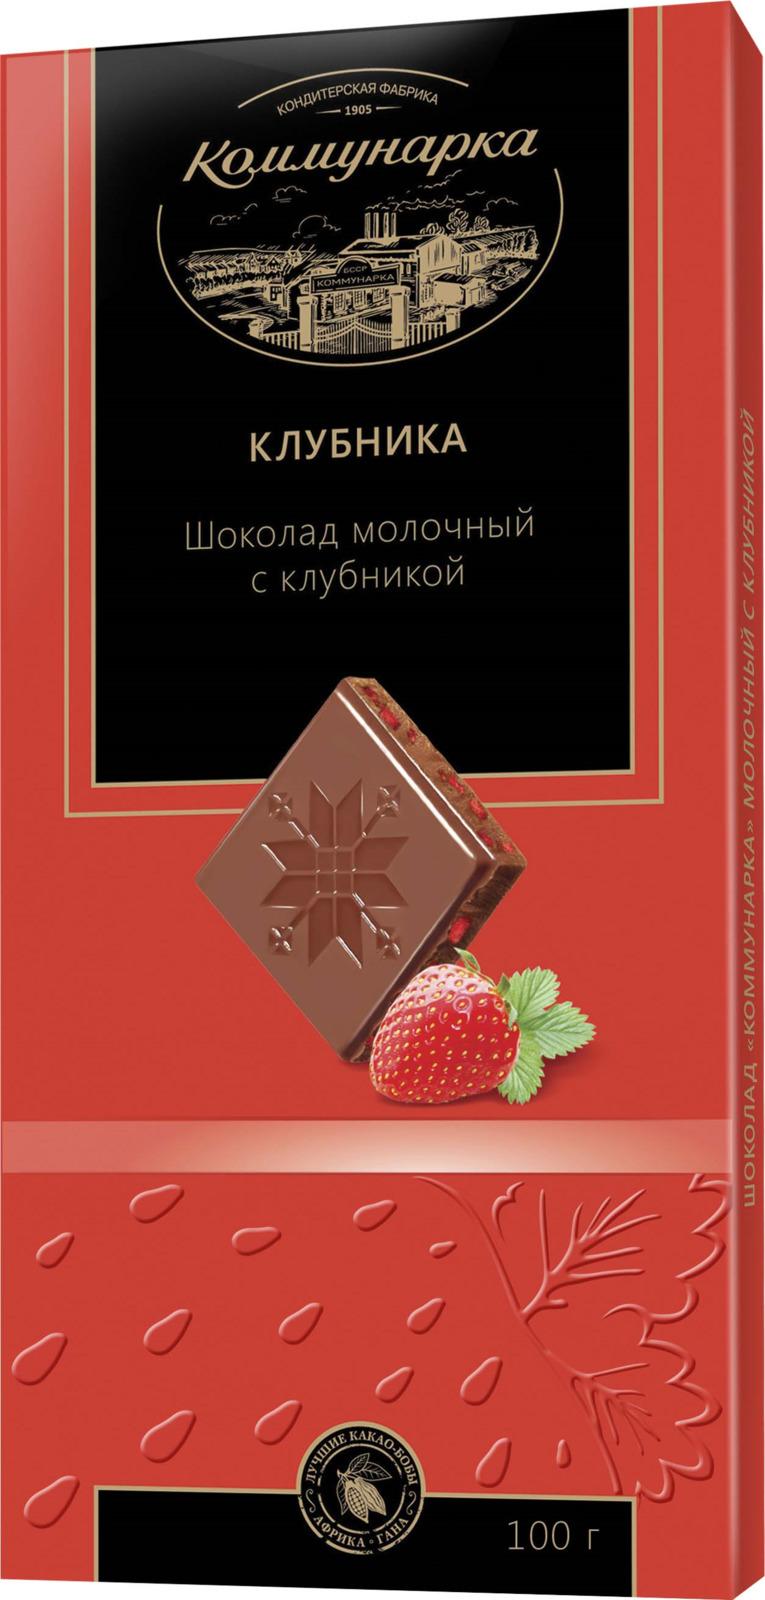 Шоколад Коммунарка, молочный, с клубникой, 100 г milka шоколад daim молочный шоколад с кусочками миндальной карамели 100 г